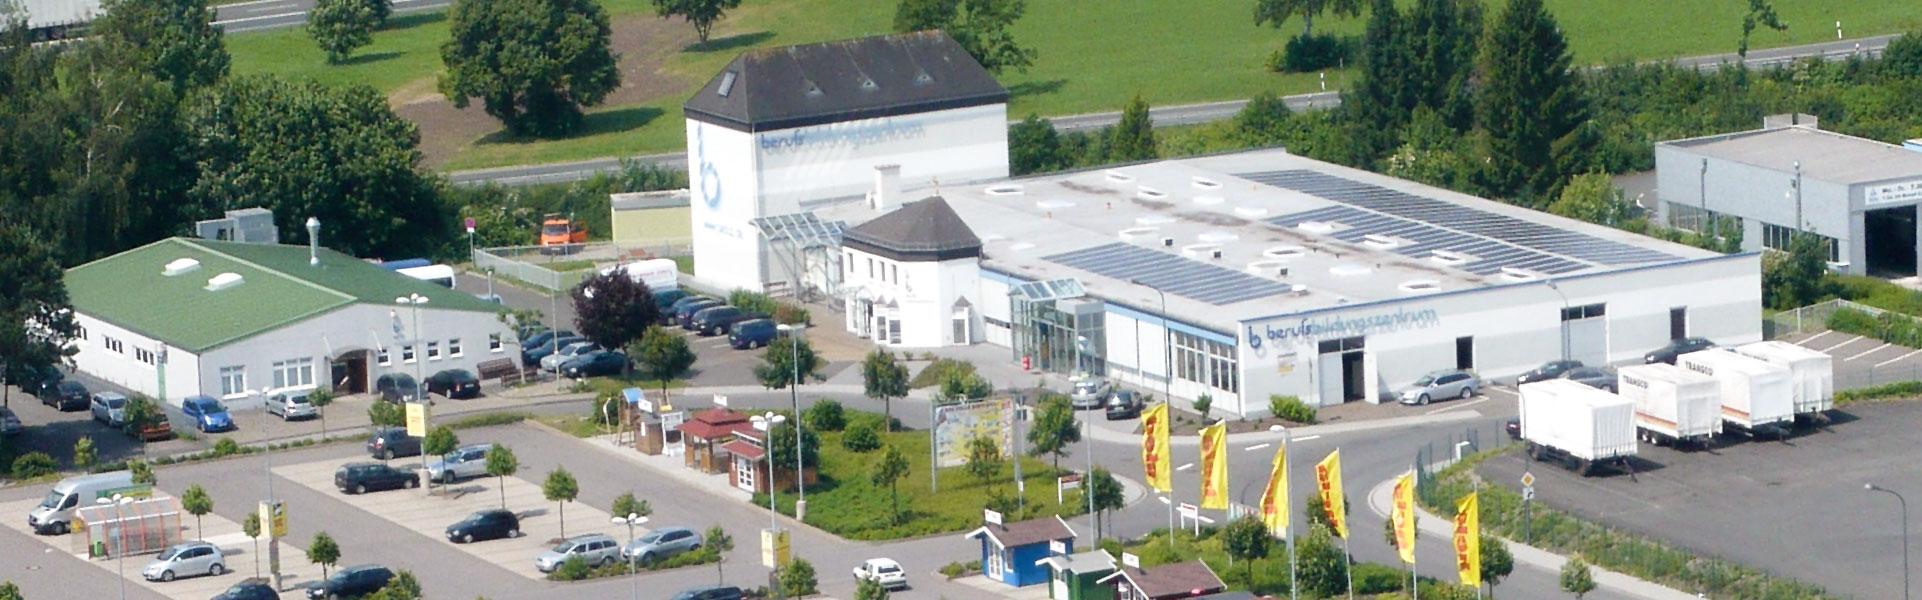 50 jähriges Bestehen des berufsbildungszentrums Bitburg-Prüm – Tag der offenen Tür am 09.07.2016